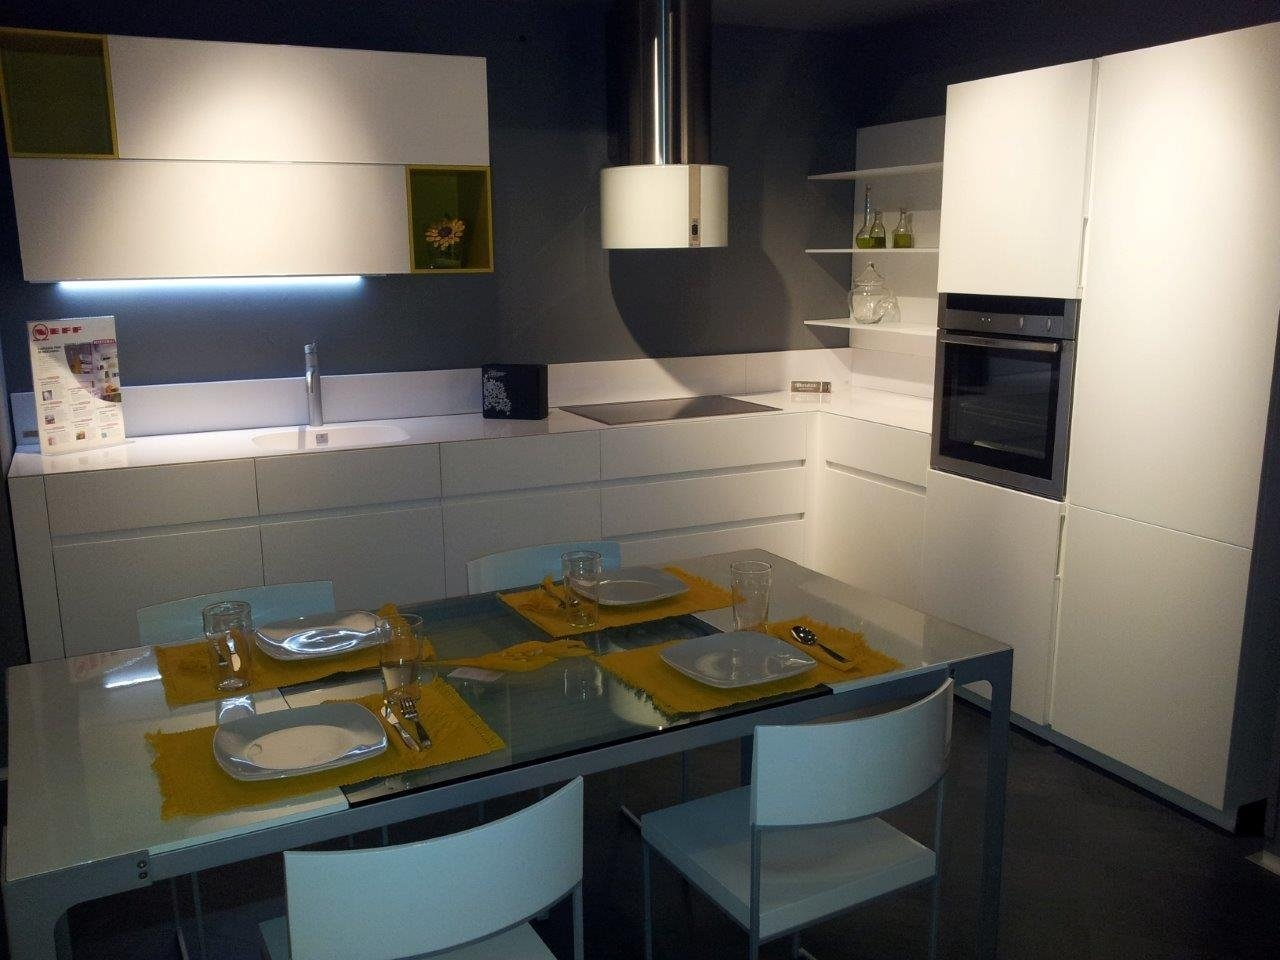 Cucina Cesar Elle scontata - Cucine a prezzi scontati